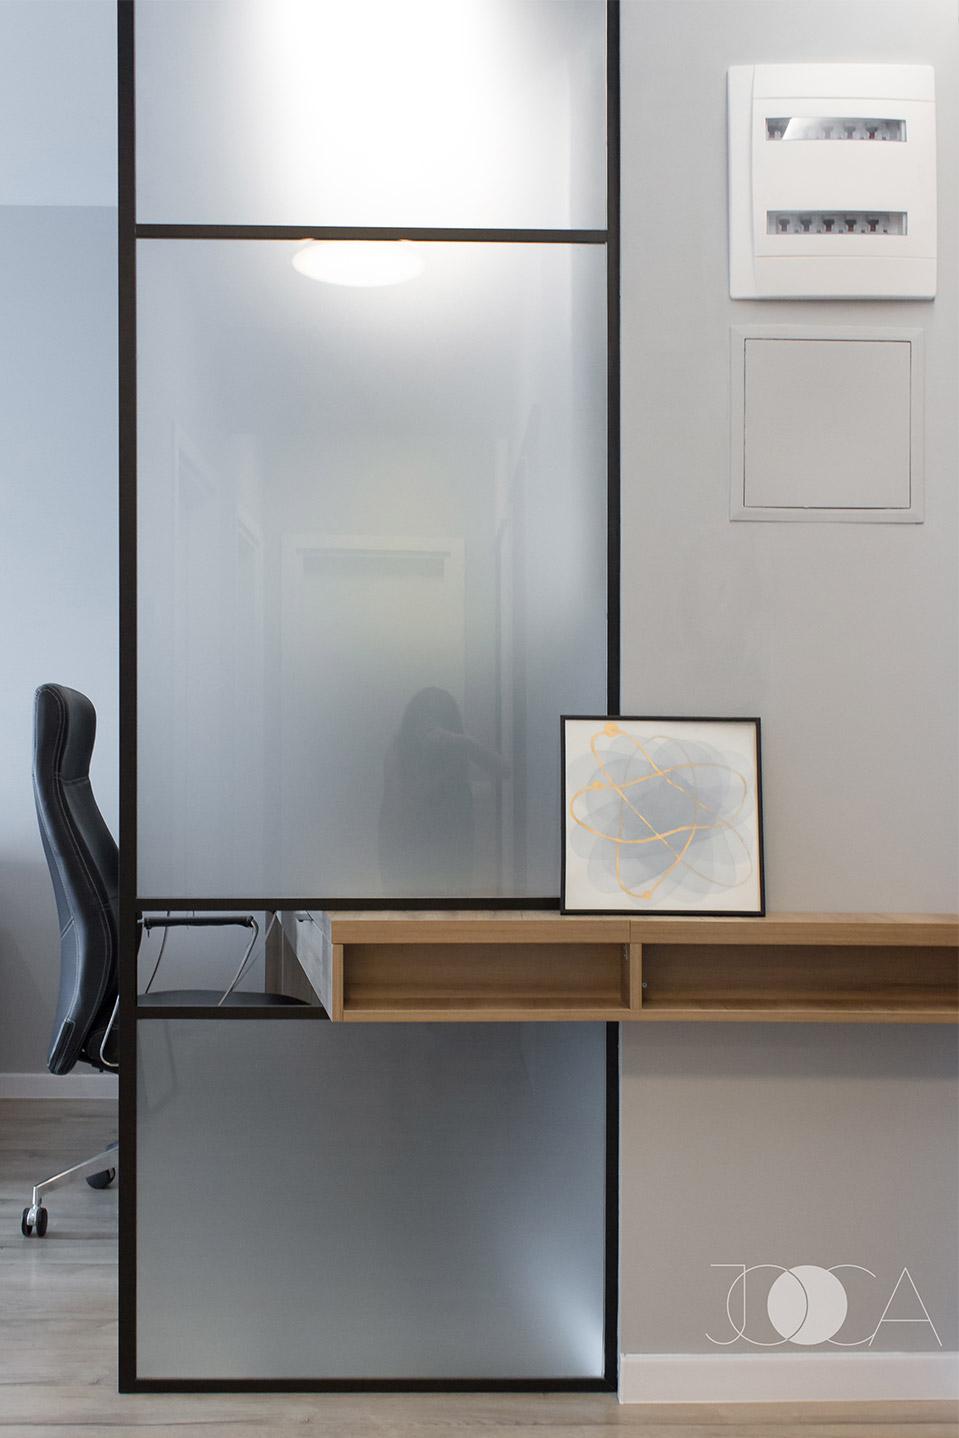 Zona de birou este separata de hol printr-un panou de sticla, cu cadru metalic. Blatul biroului se continua pe hol prin acest panou.